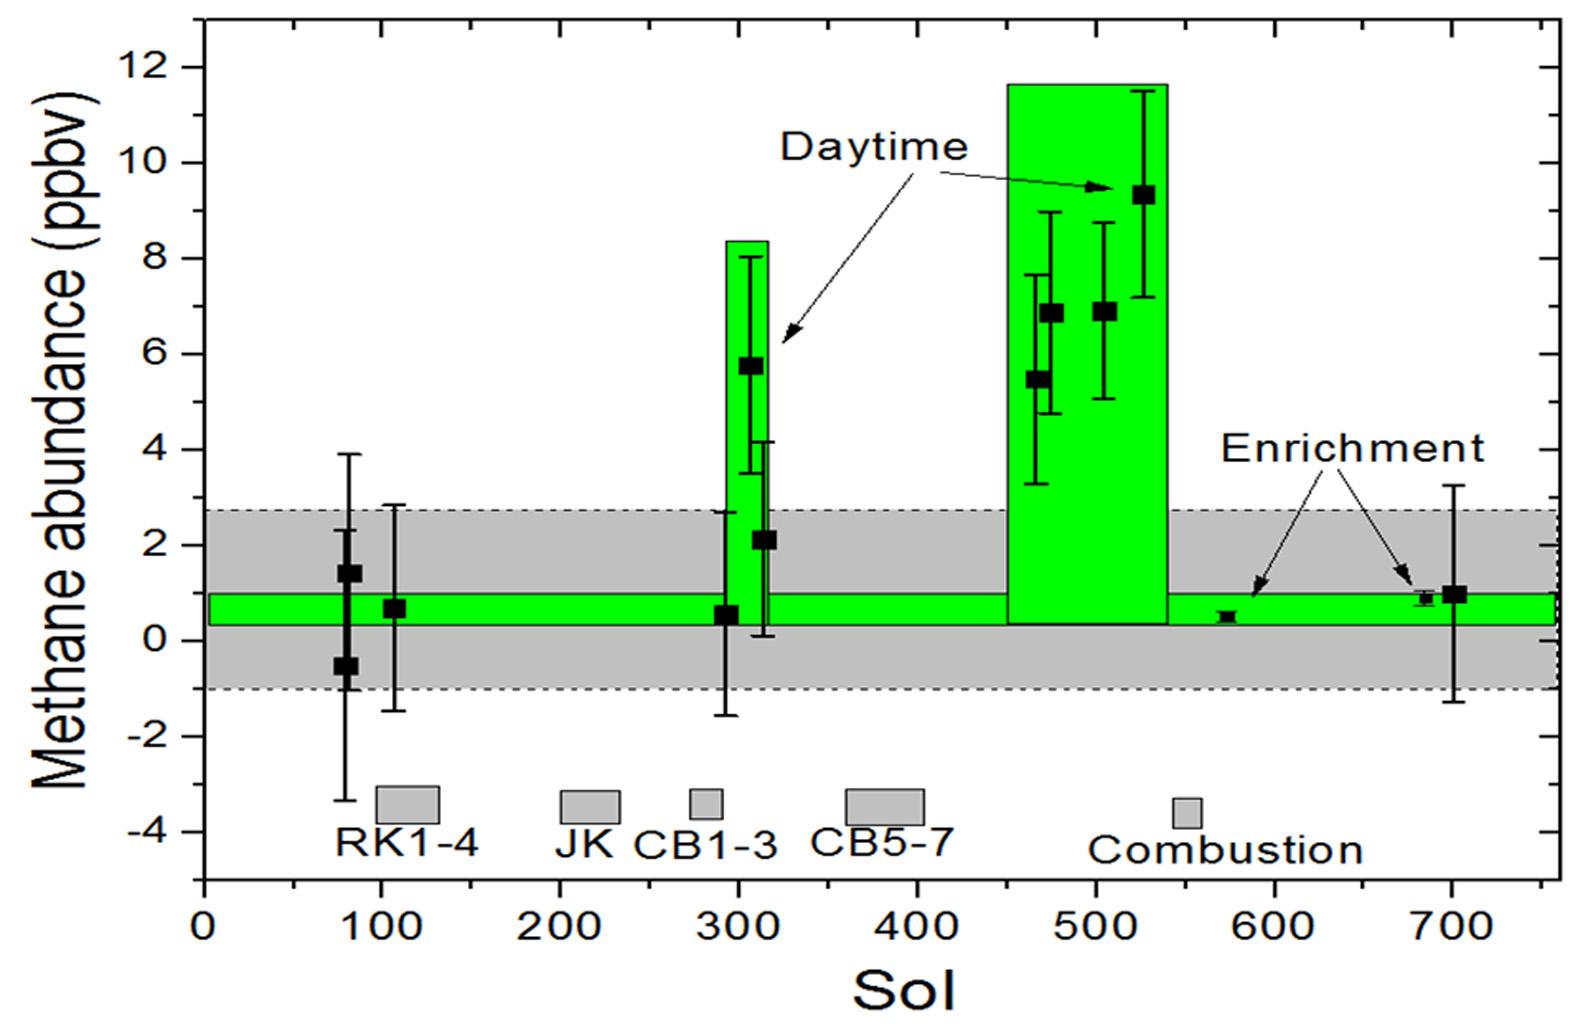 Micro-émissions de méthane dans le cratère Gale. Mesures prises entre août 2012 et septembre 2014 (sols 1 à 750) par le TLS (tunable laser spectrometer) à bord de Curiosity (variations de 0,7 à 7 ppb, parties par milliard). (doc. NASA/JPL-Caltech)